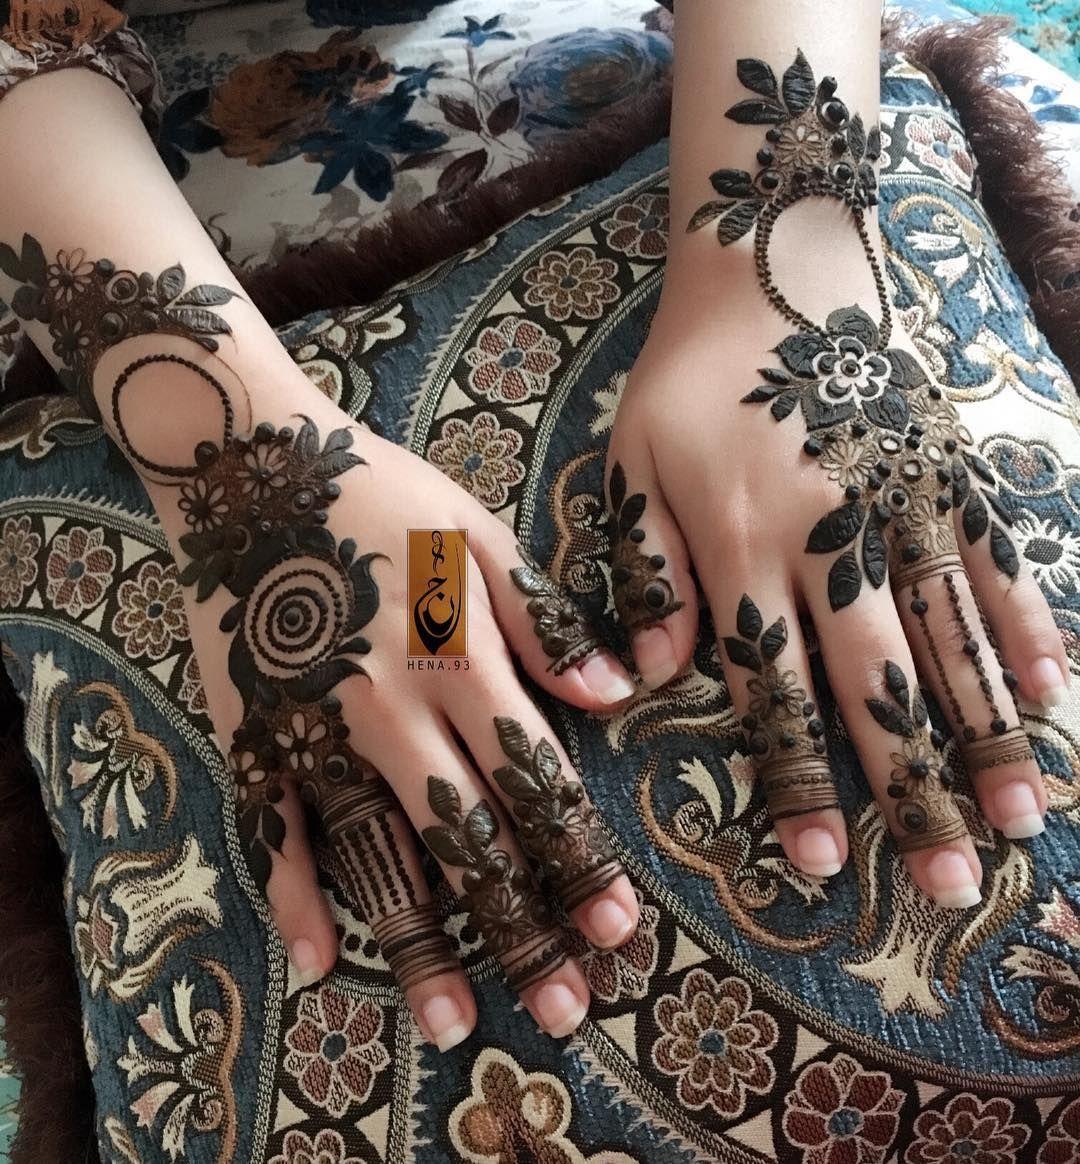 362 Likes 9 Comments س ــعاد Hena 93 On Instagram عندما لاتبدو أمور حياتك على ما يرام قل حسبي الله سيؤتين Mehndi Designs Henna Mehndi Henna Patterns